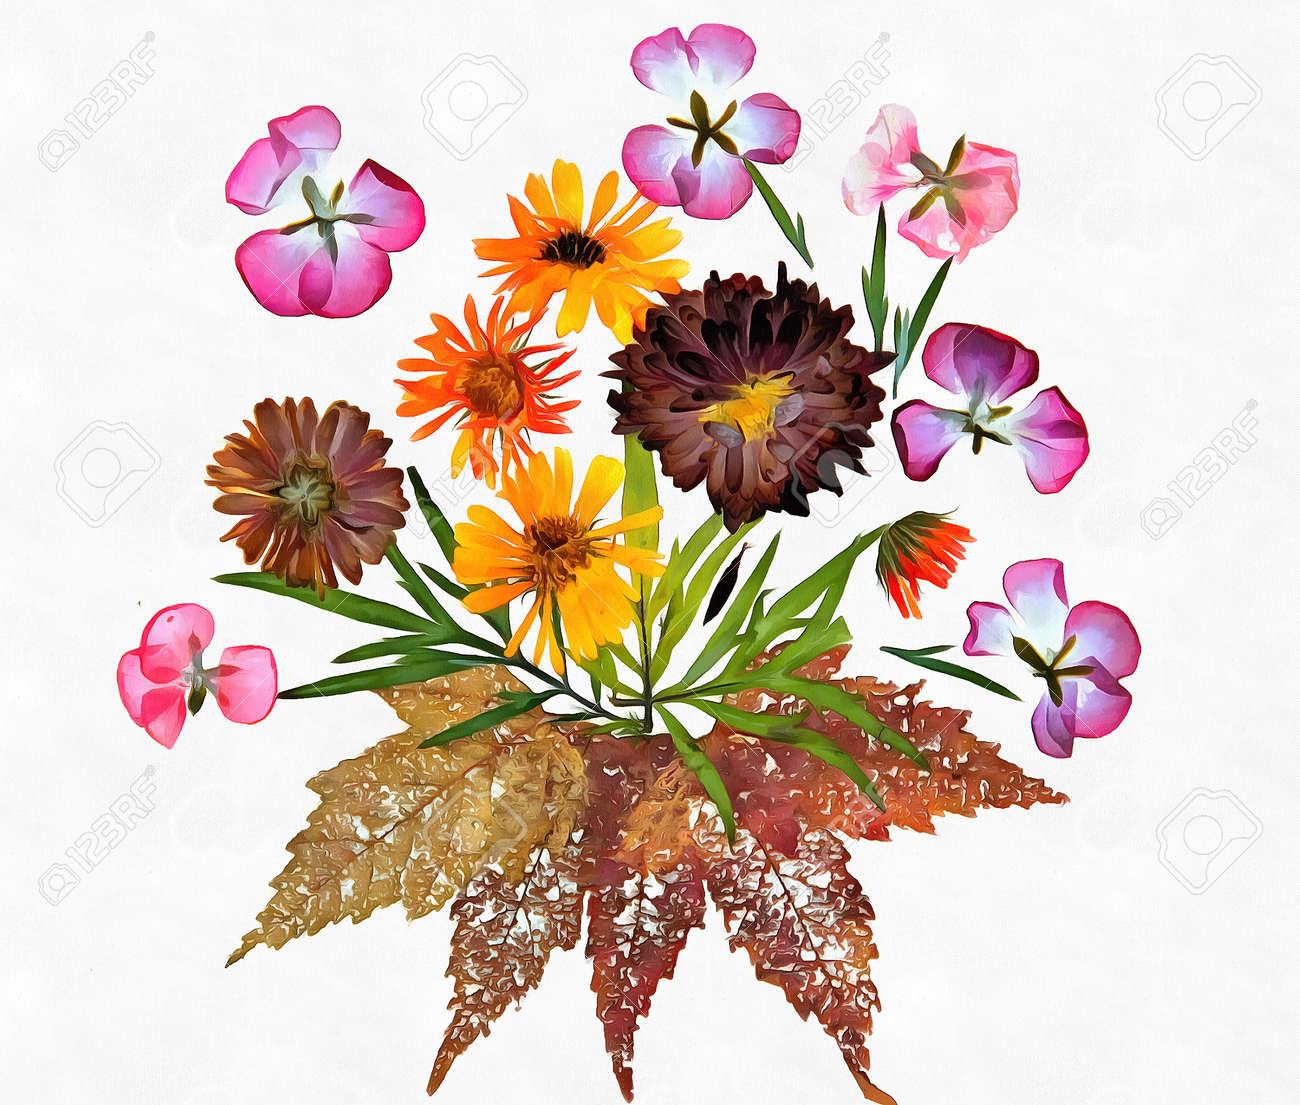 Dessin de feuilles et de fleurs d\u0027automne séchées sur un réseau de pailles  minces et des branches isolées sur fond blanc papier aquarelle pour